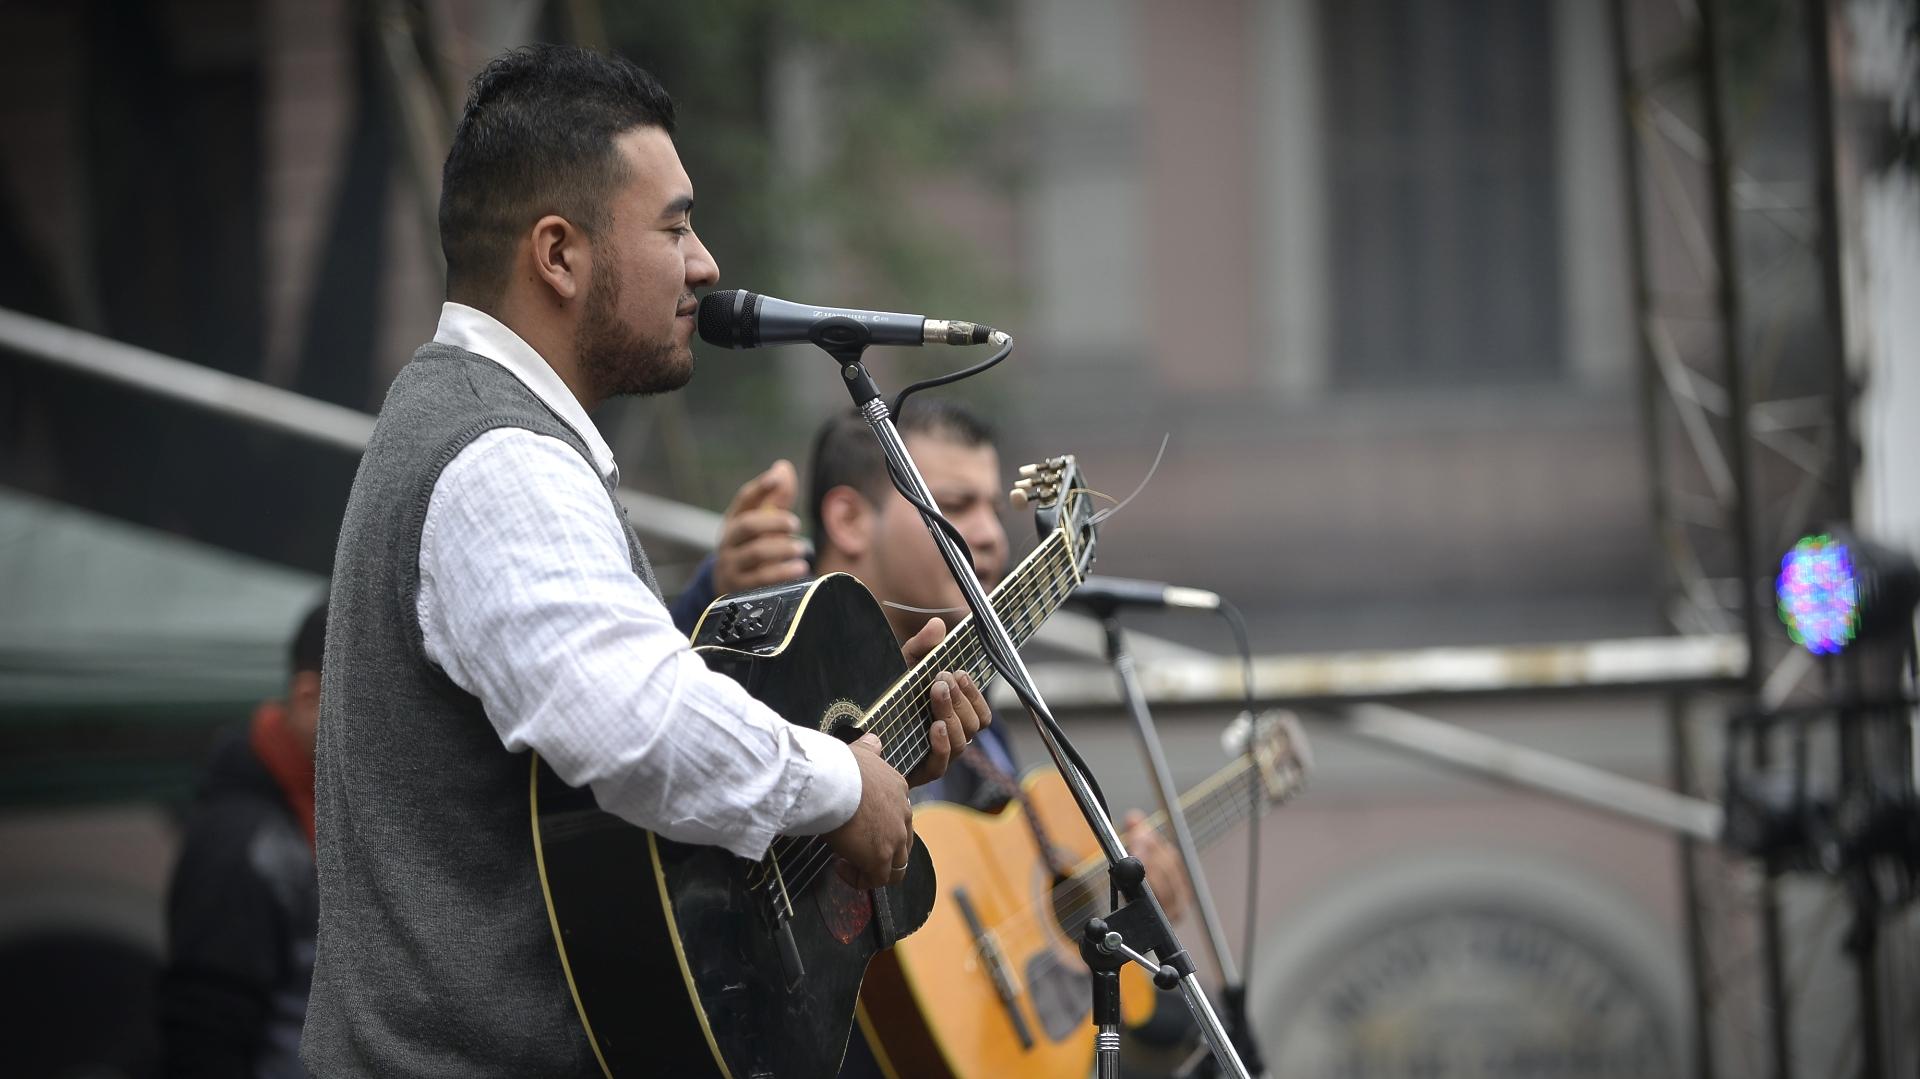 El folckore fue el género musical que más se escuchó en Mataderos